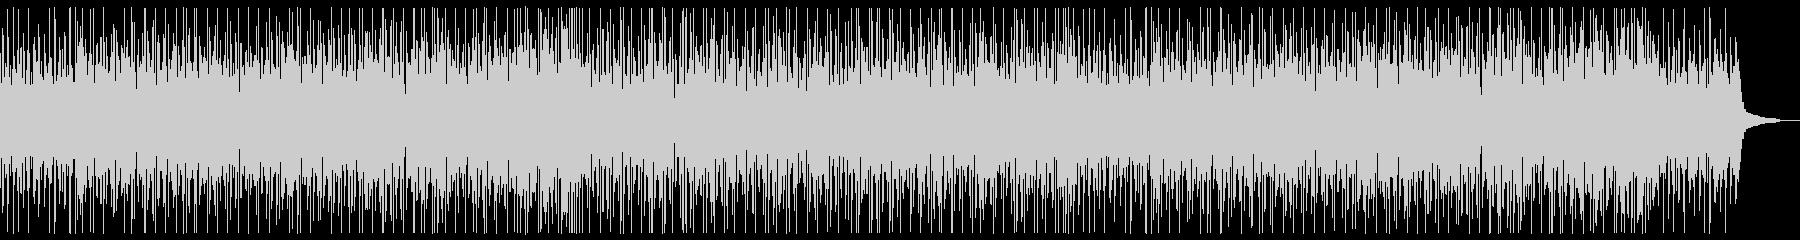 音響の国の要素の未再生の波形